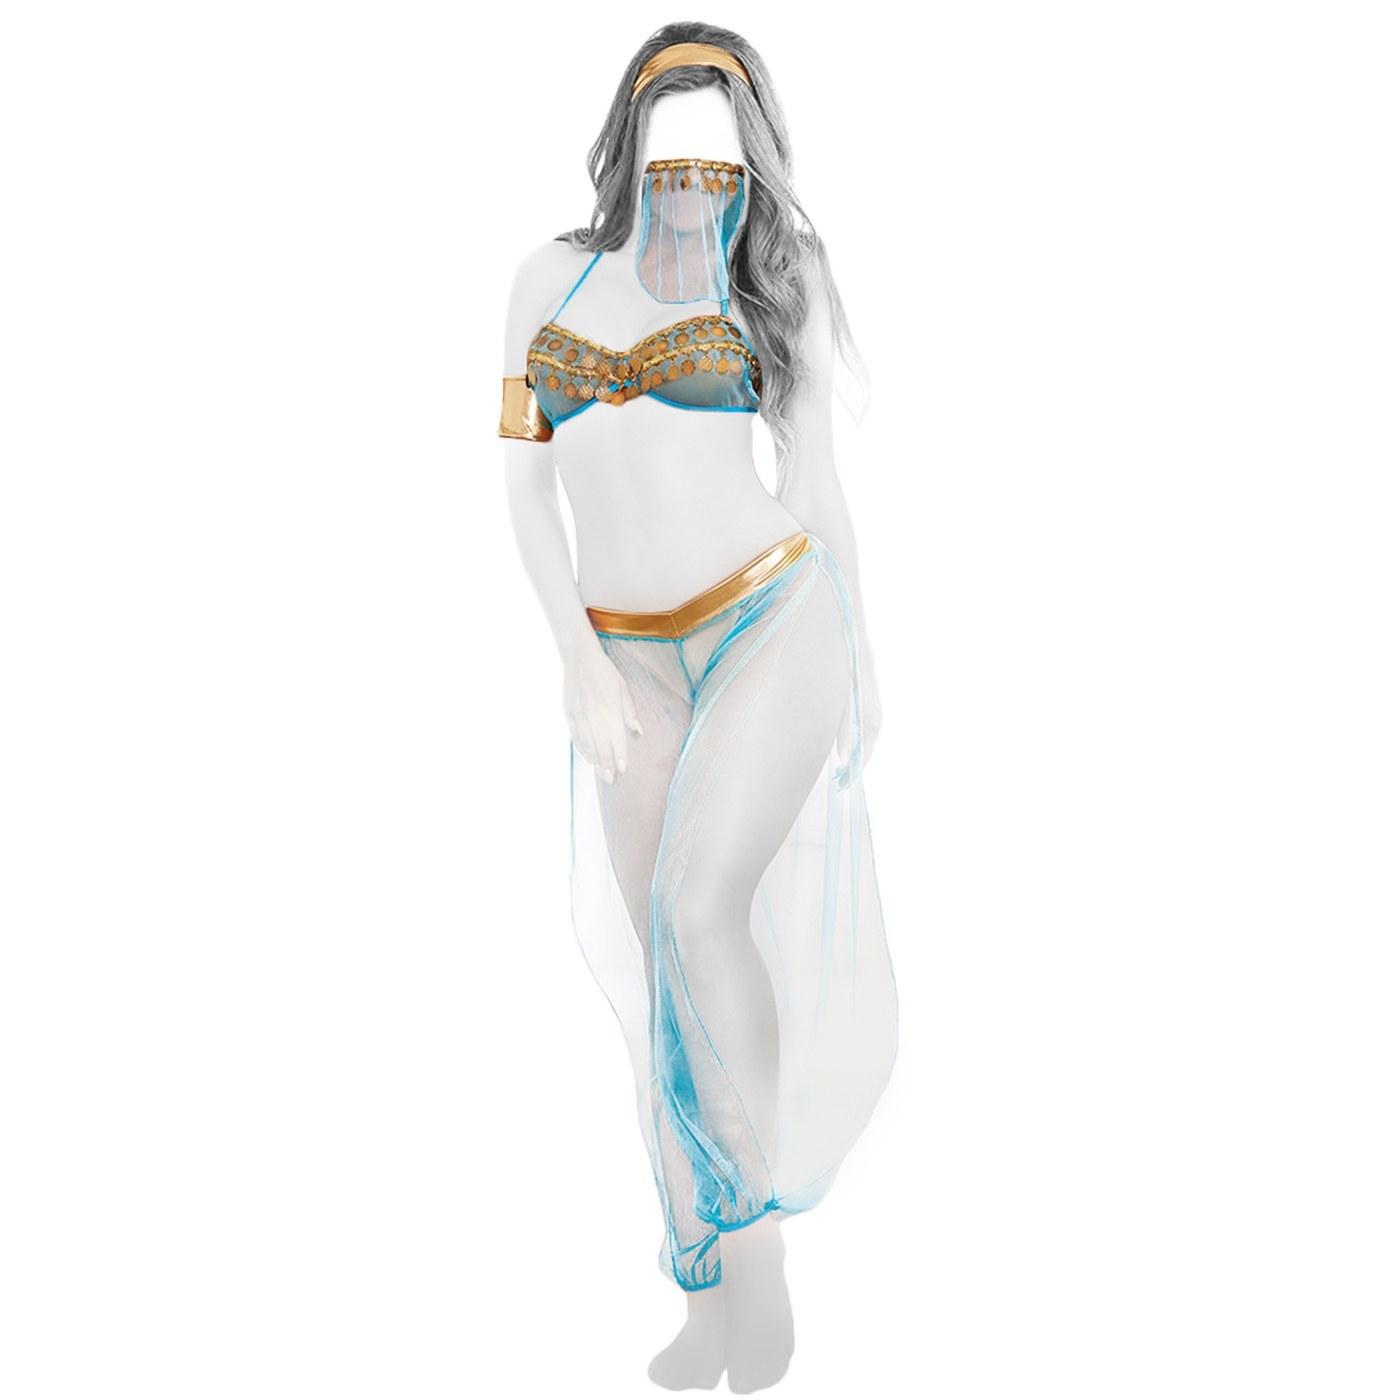 تصویر کاستوم لباس رقص عربی اورجینال توری با شلوار و روبنده